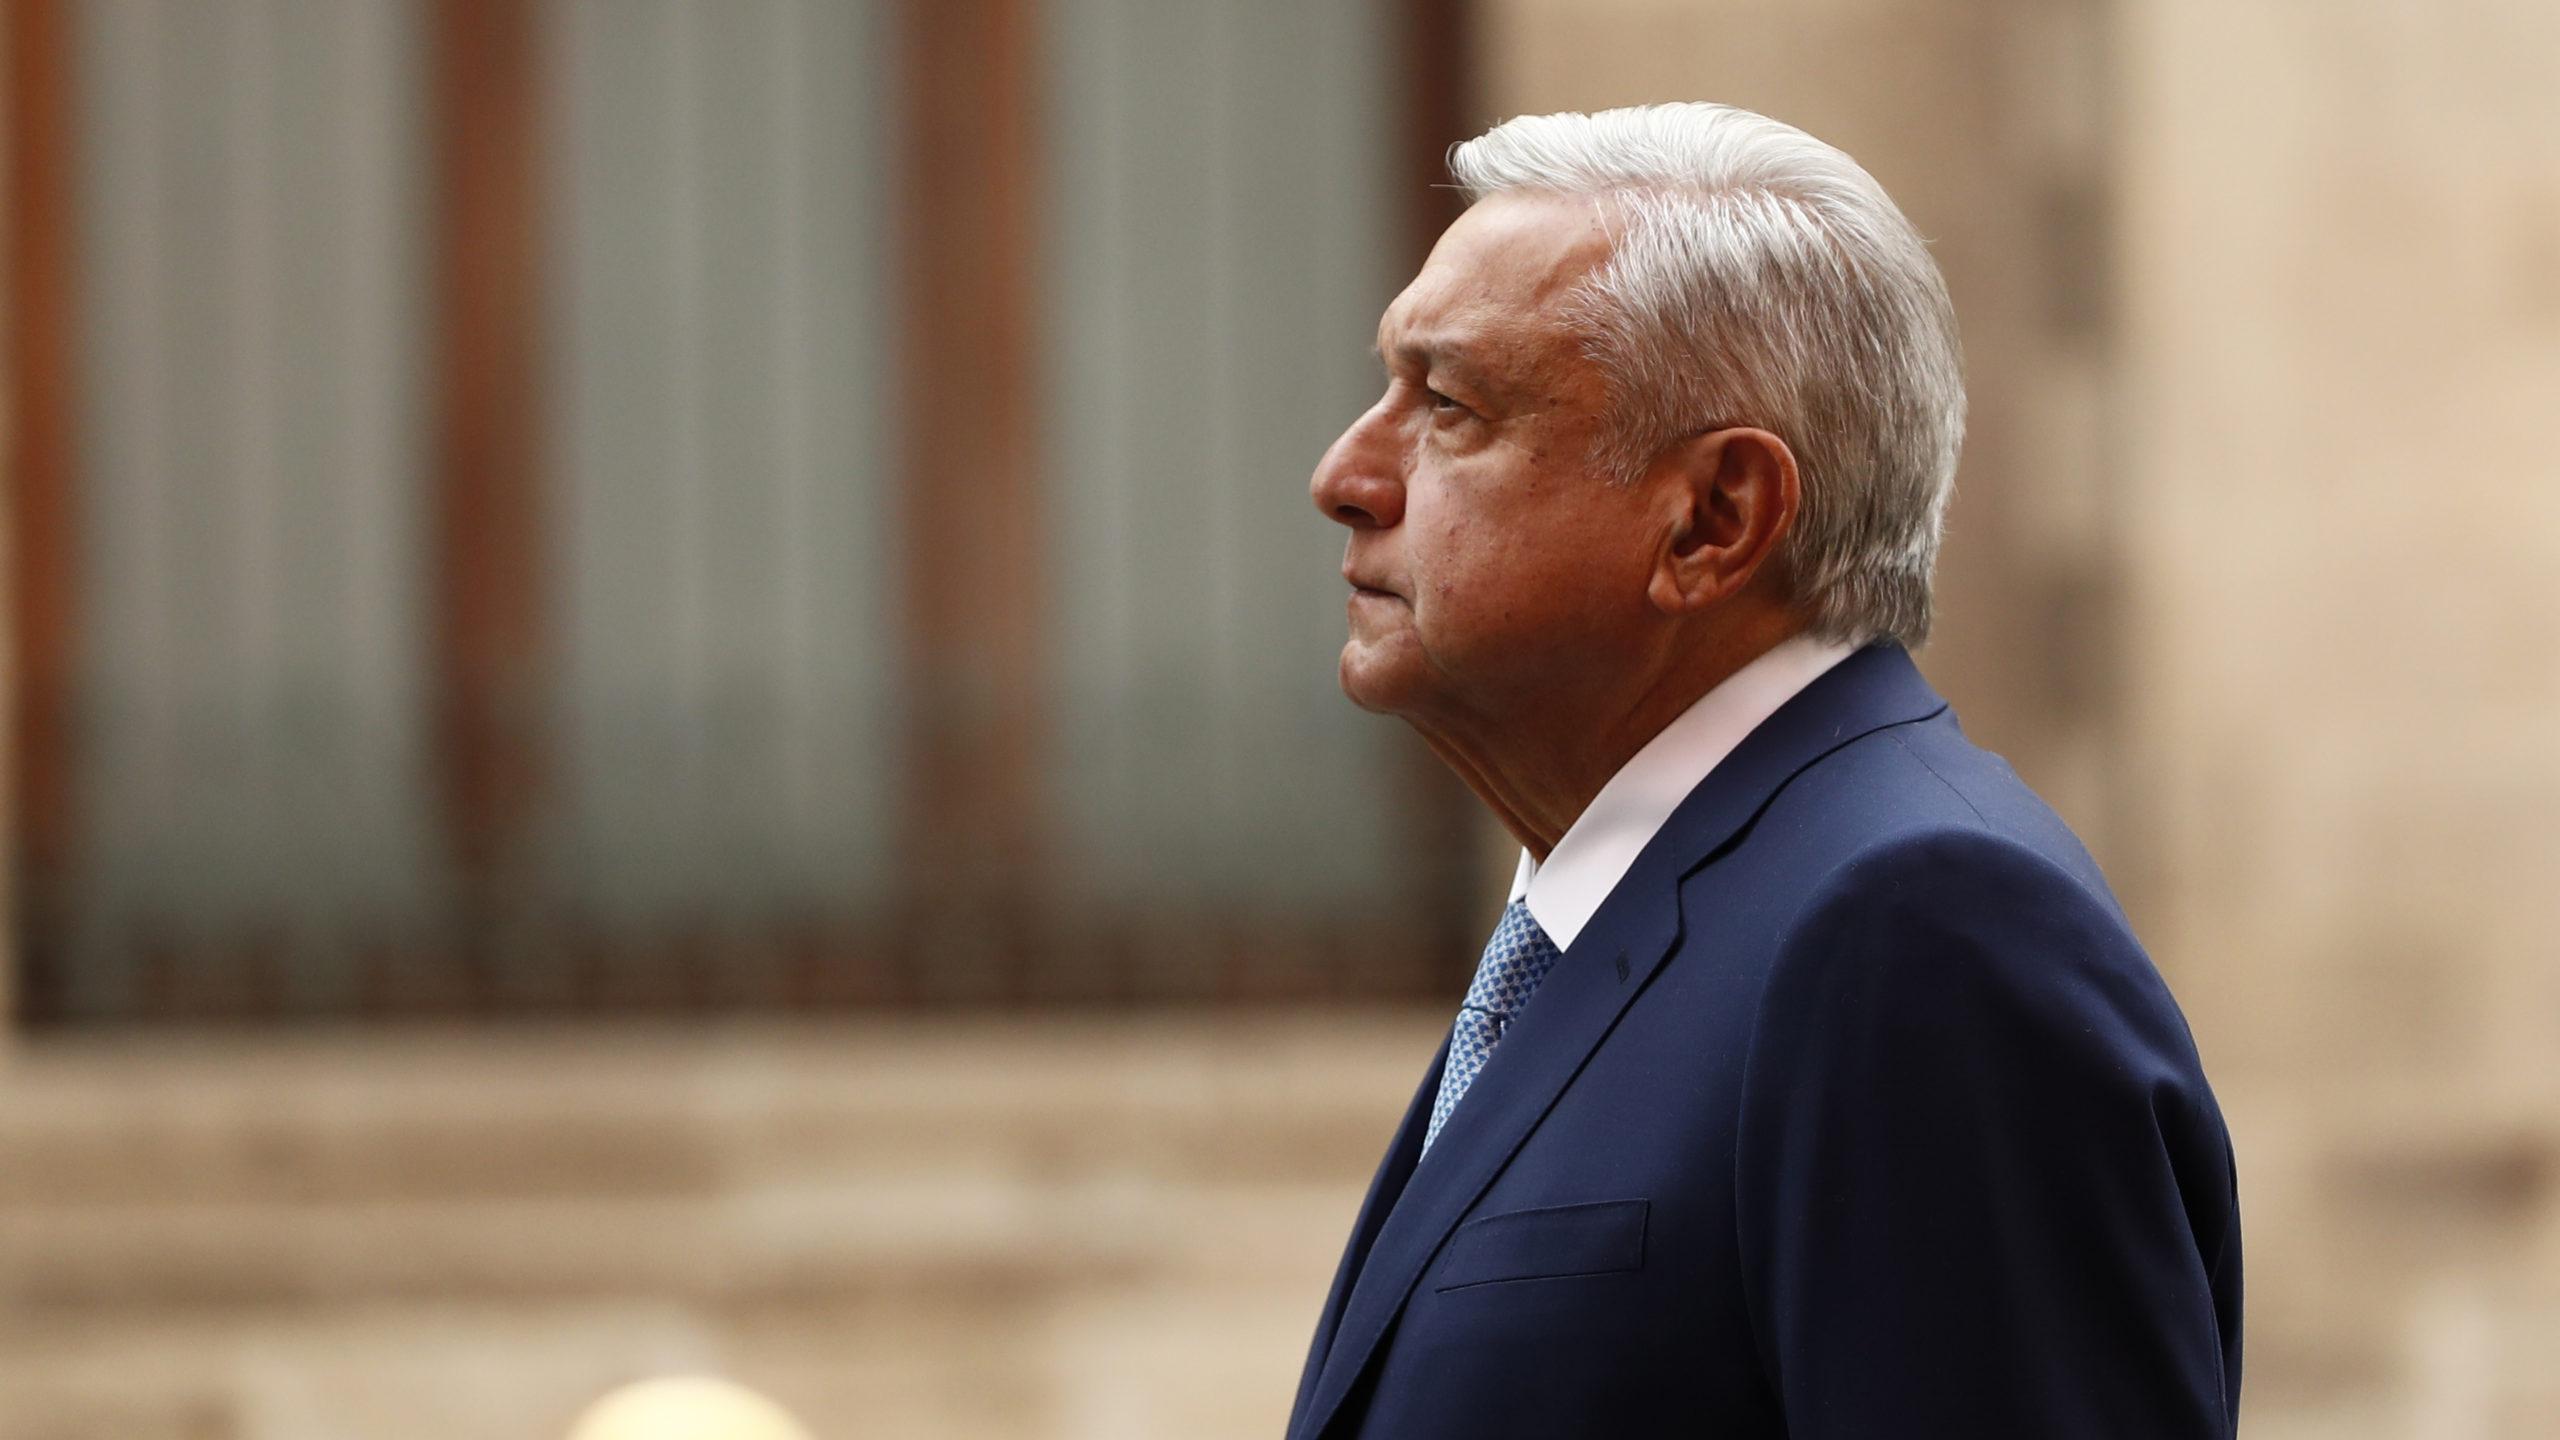 Embajador de Unión Europea admite preocupación empresarial por reformas de AMLO